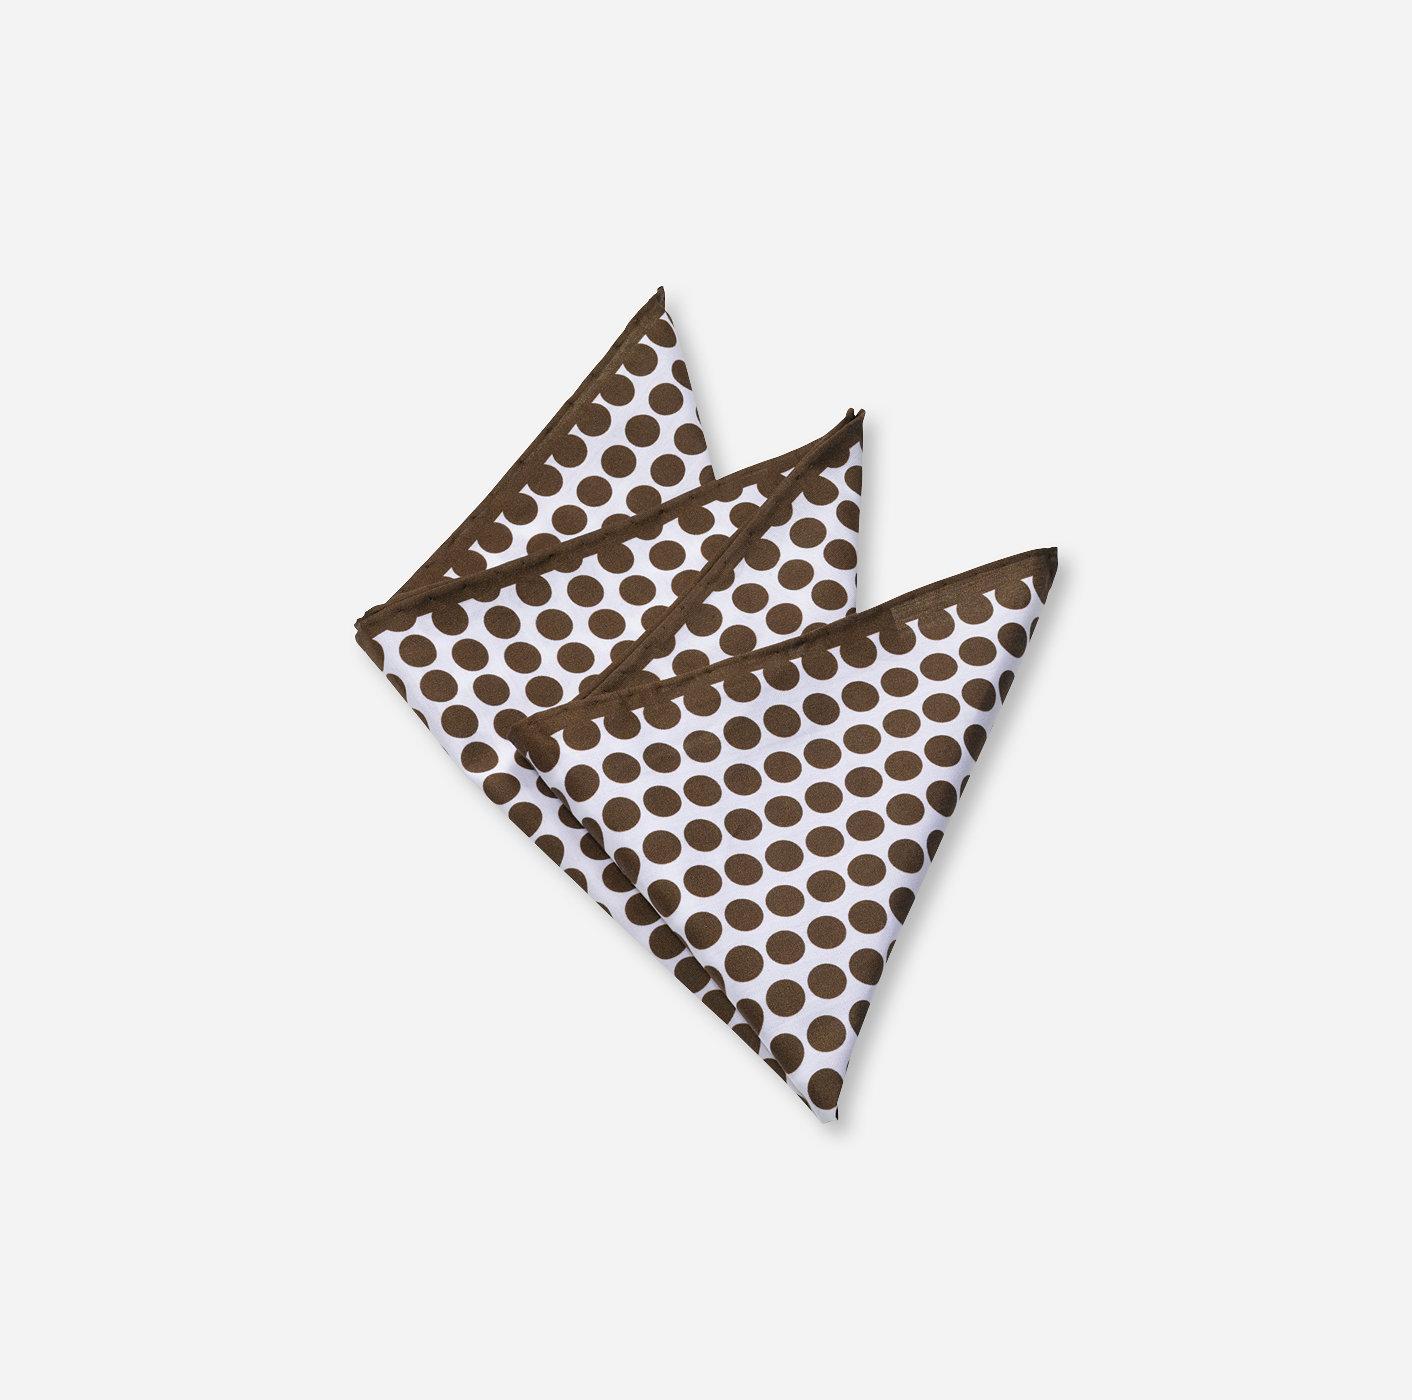 am besten einkaufen günstig kaufen Entdecken OLYMP Einstecktuch 33x33 cm Braun - 17613128N